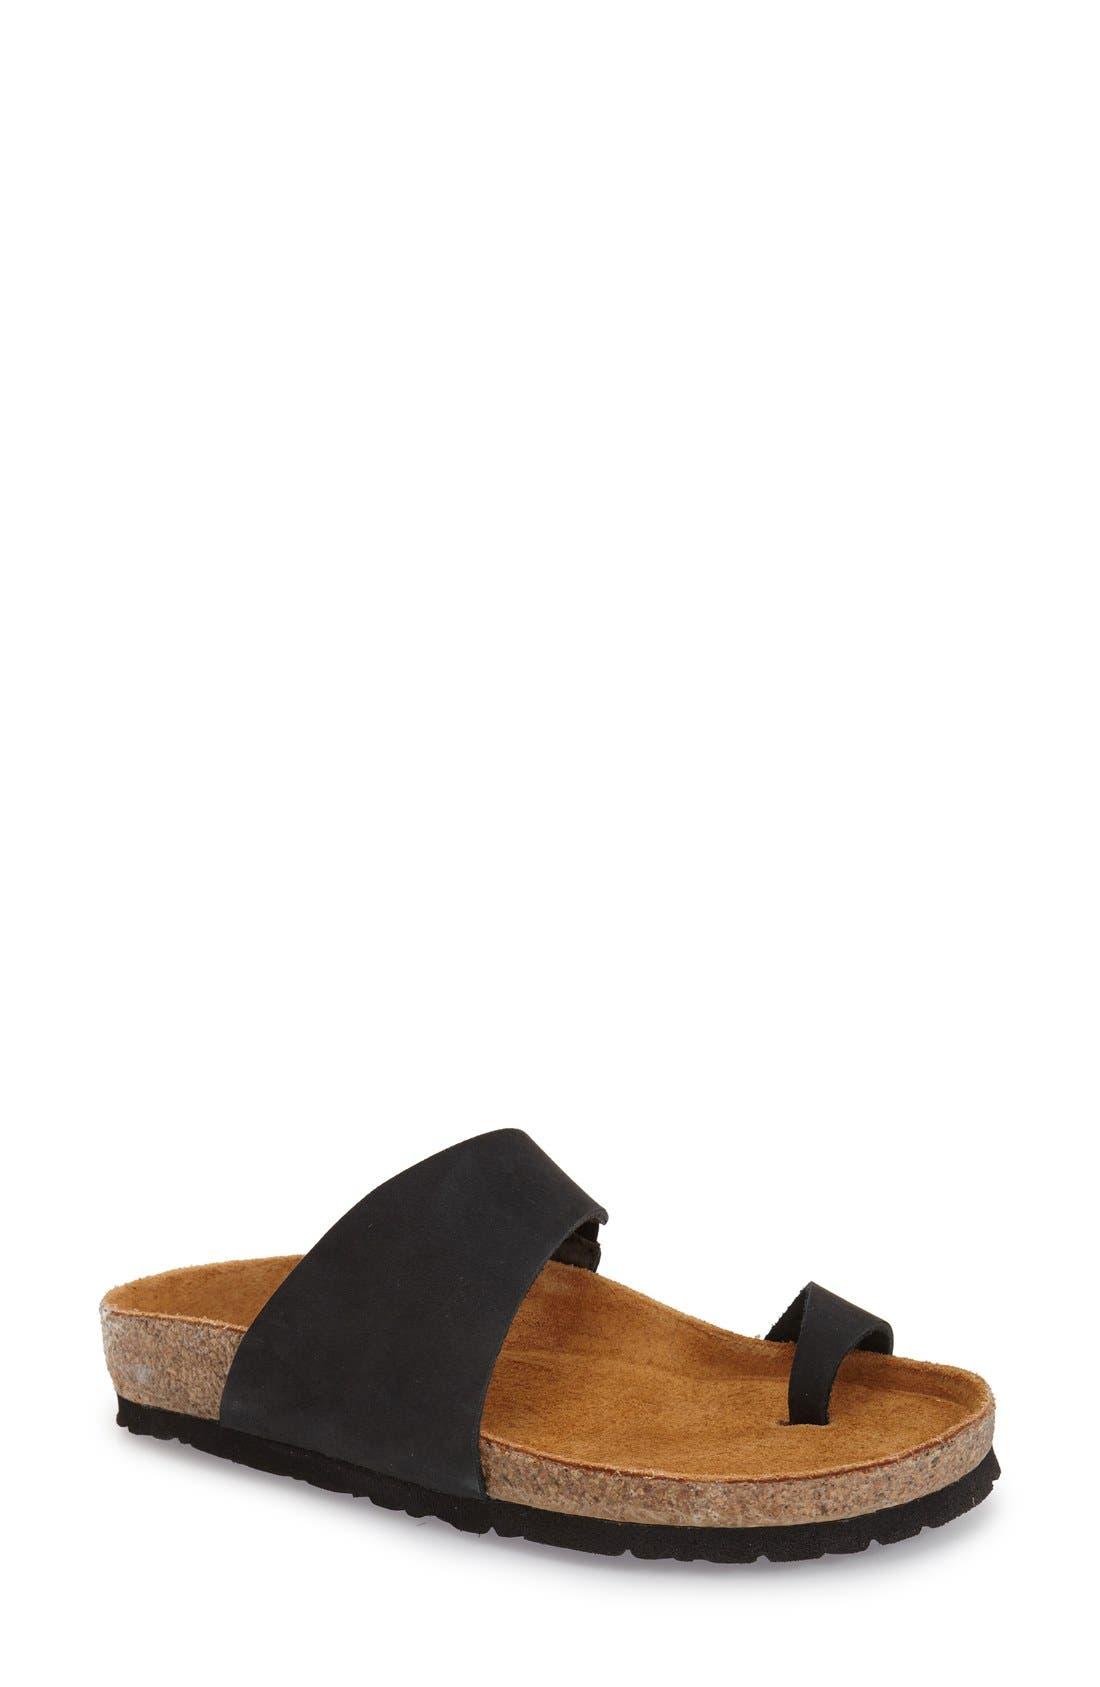 'Santa Fe' Sandal,                             Main thumbnail 2, color,